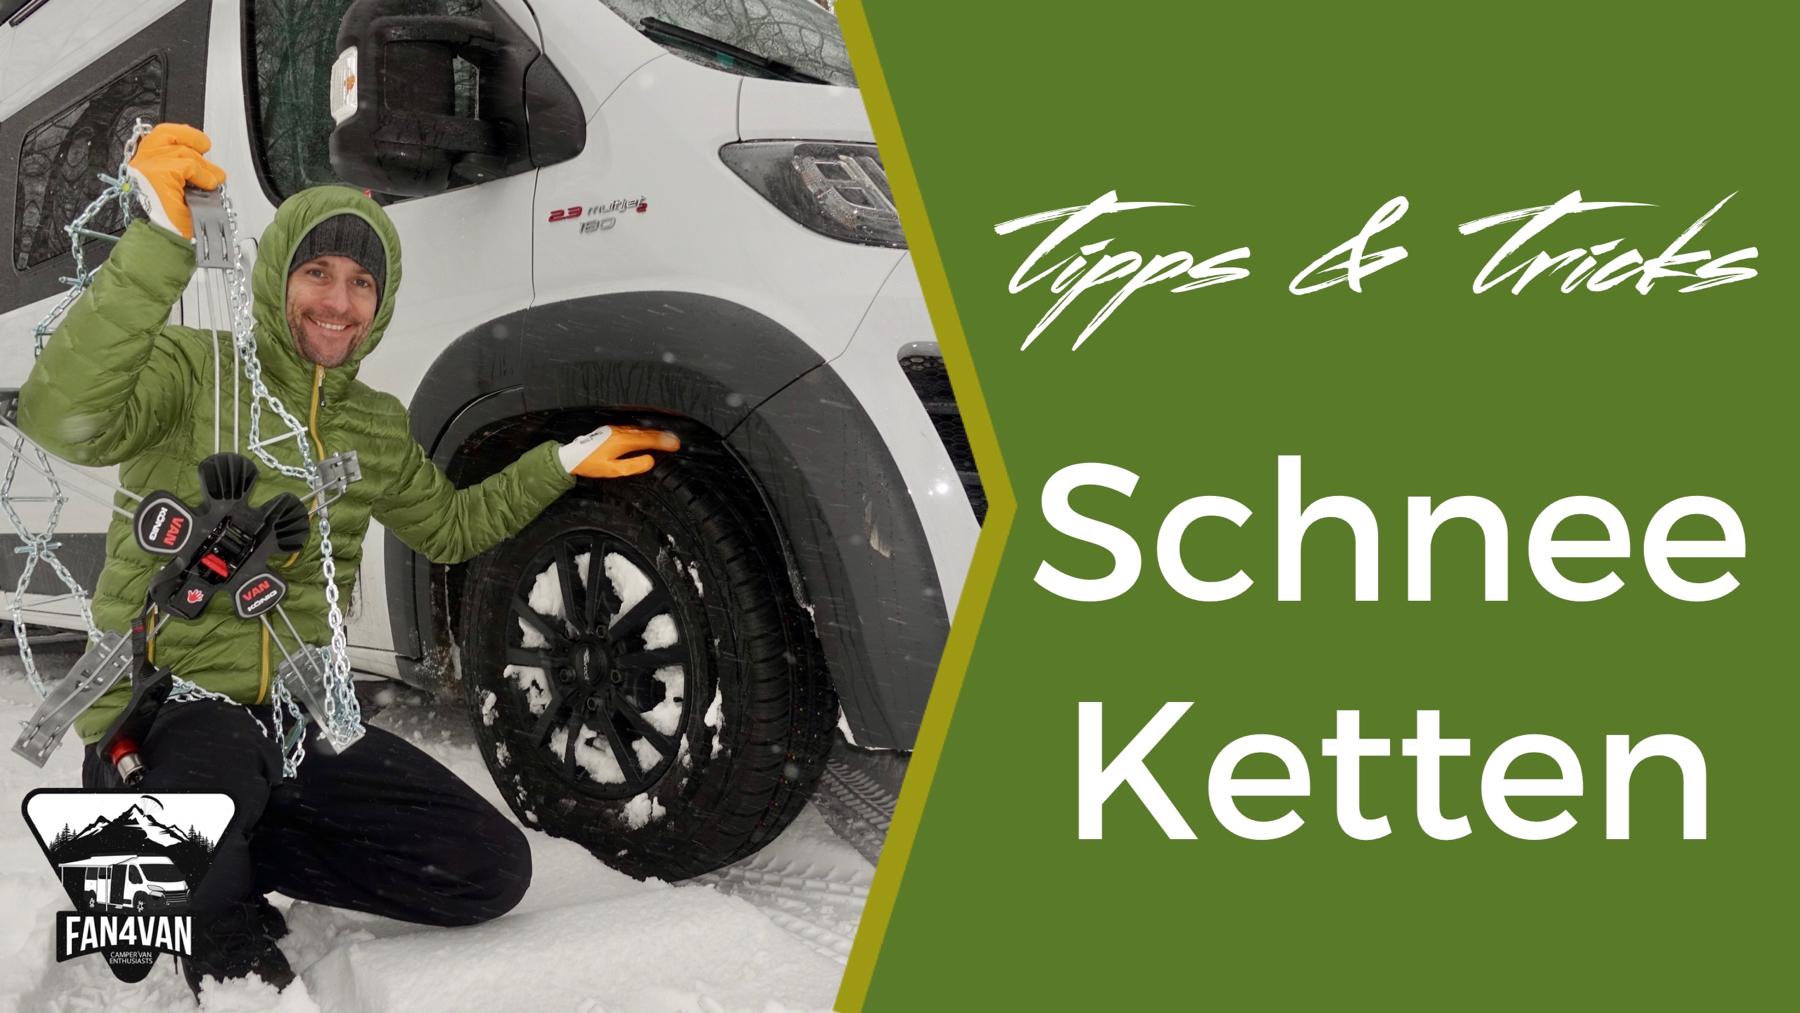 Schneeketten für Wohnmobil - 9 Tipps für den Kauf!